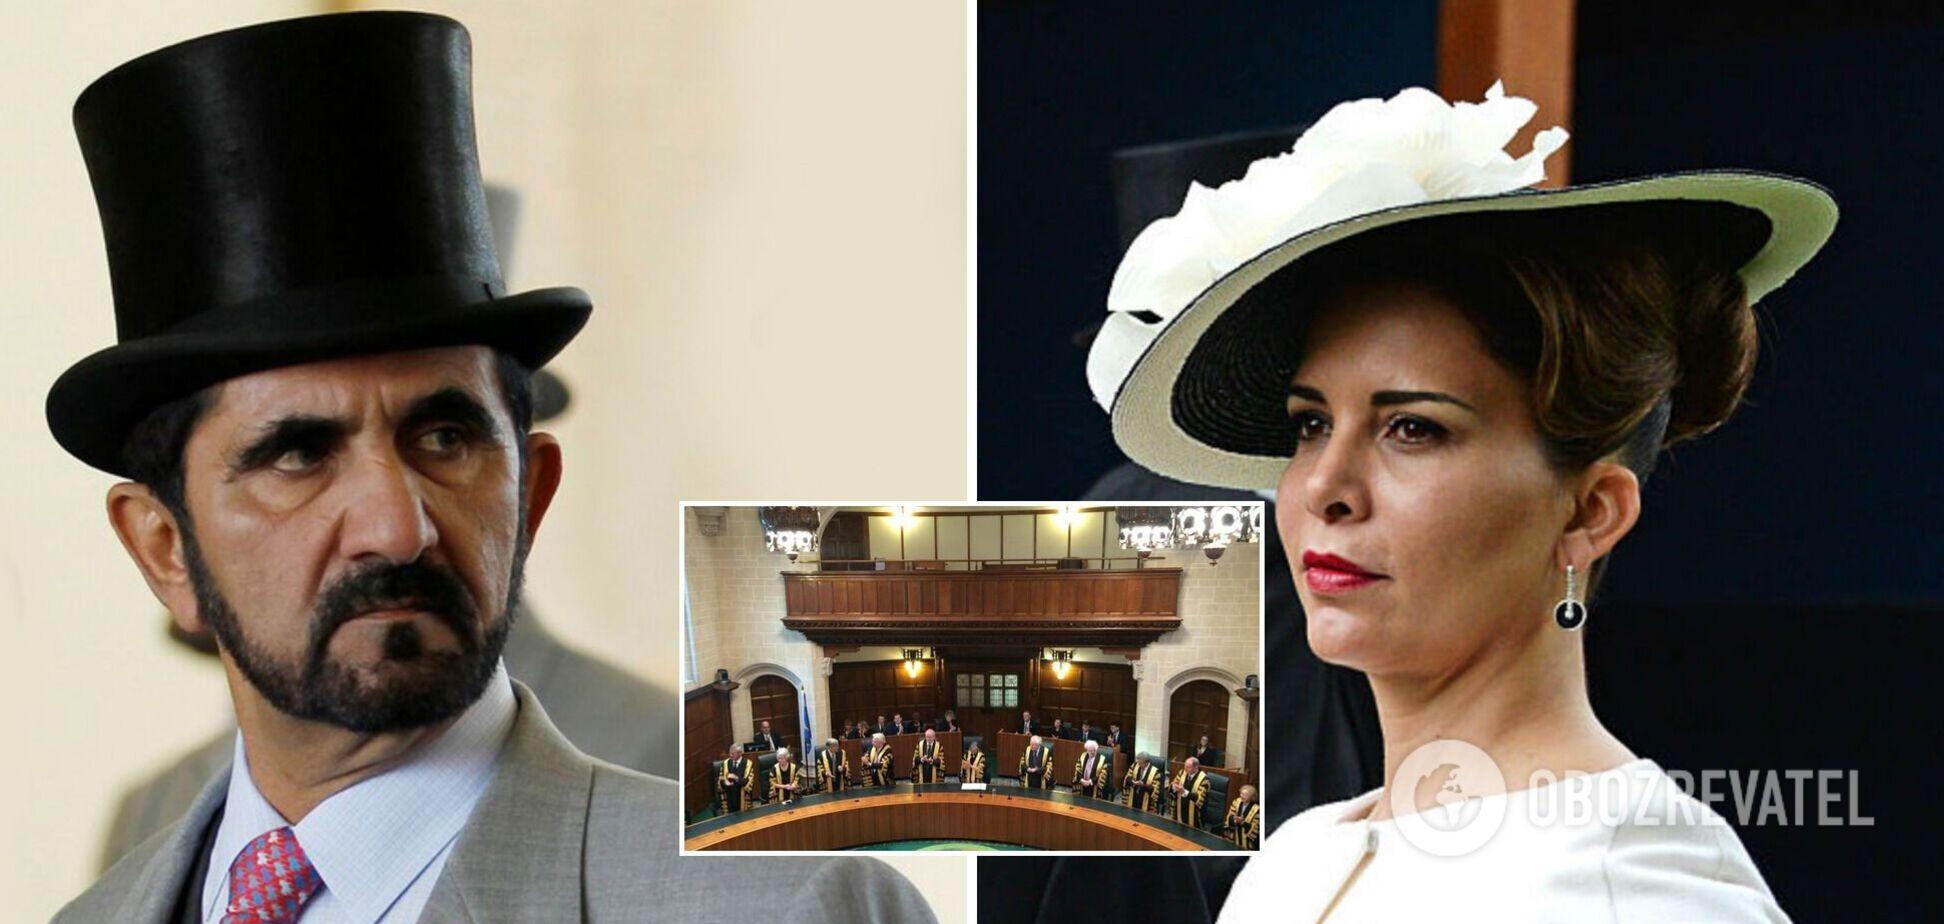 Шейх Дубая зламав телефон колишньої дружини принцеси Хаї і її адвокатів – рішення суду